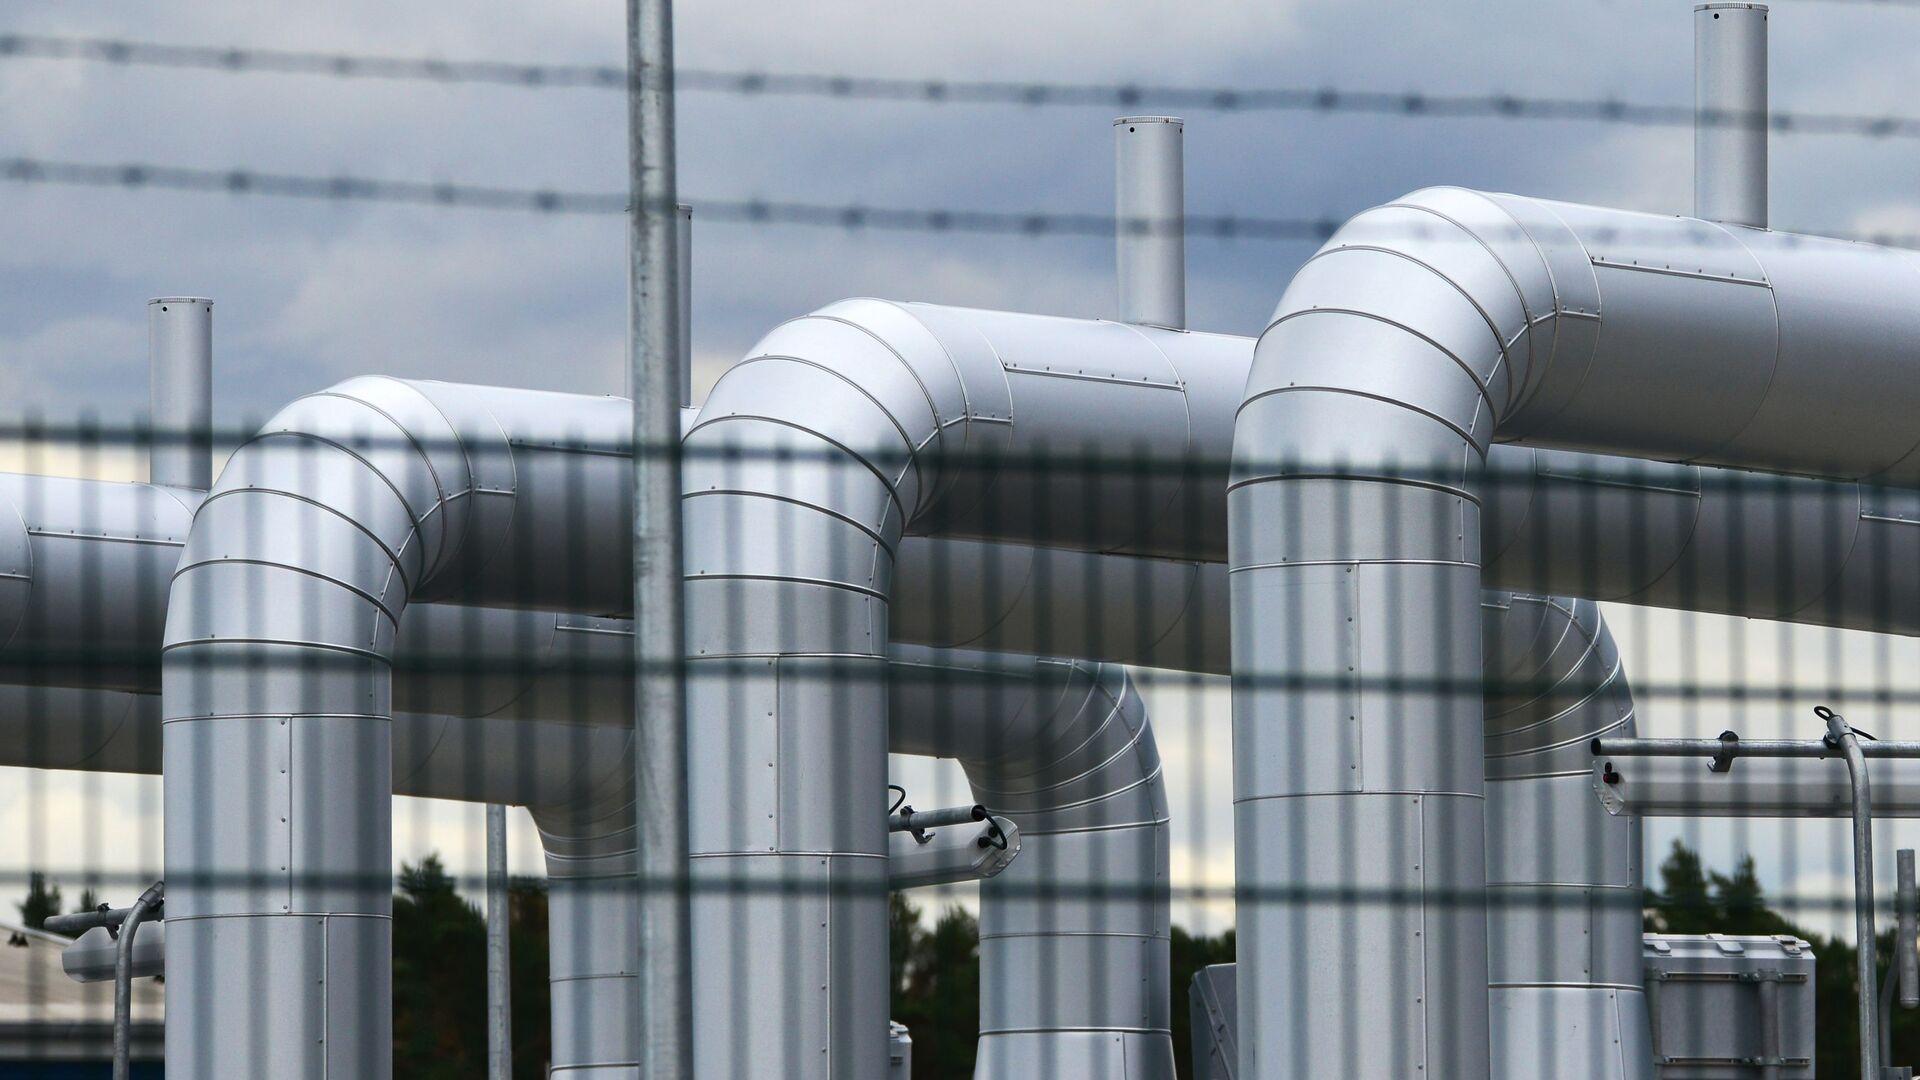 La construcción del gasoducto Nord Stream 2 - Sputnik Mundo, 1920, 16.02.2021